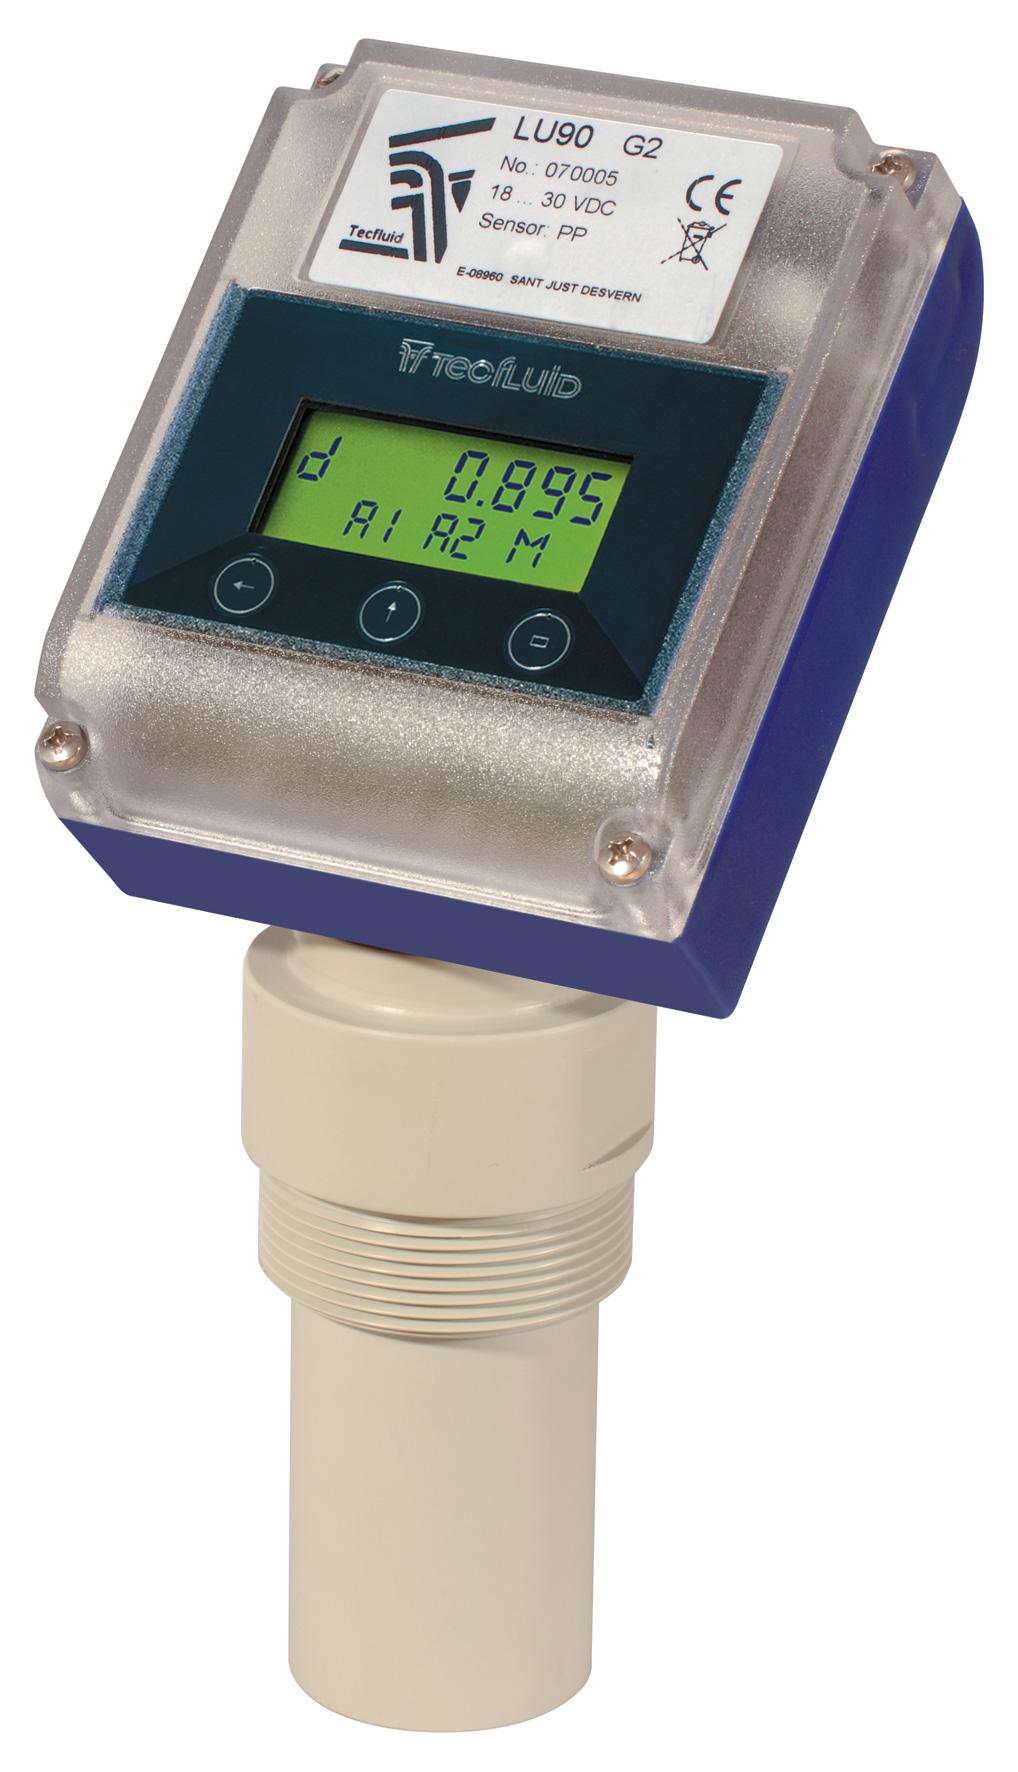 Indicateur / Transmetteur de niveau LU90 PP